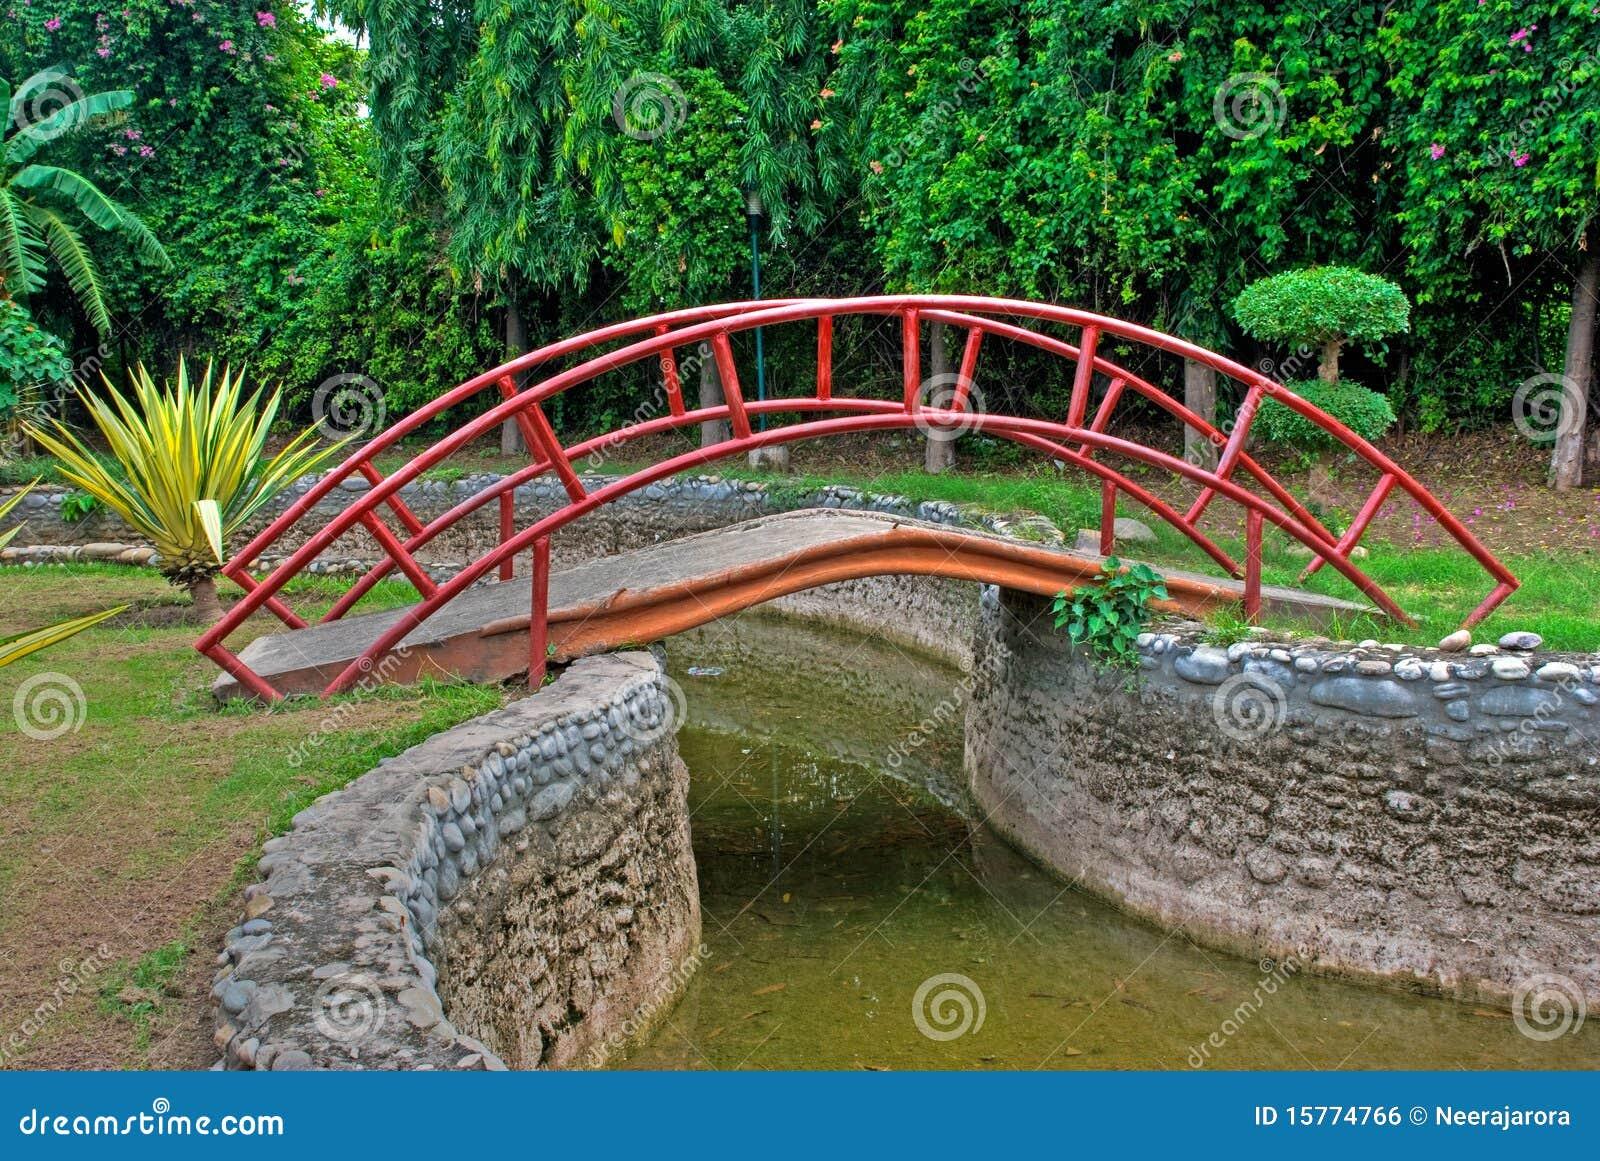 Garten Brücke Stockfoto Bild Von Prachtvoll Ruhig Konkret 15774766